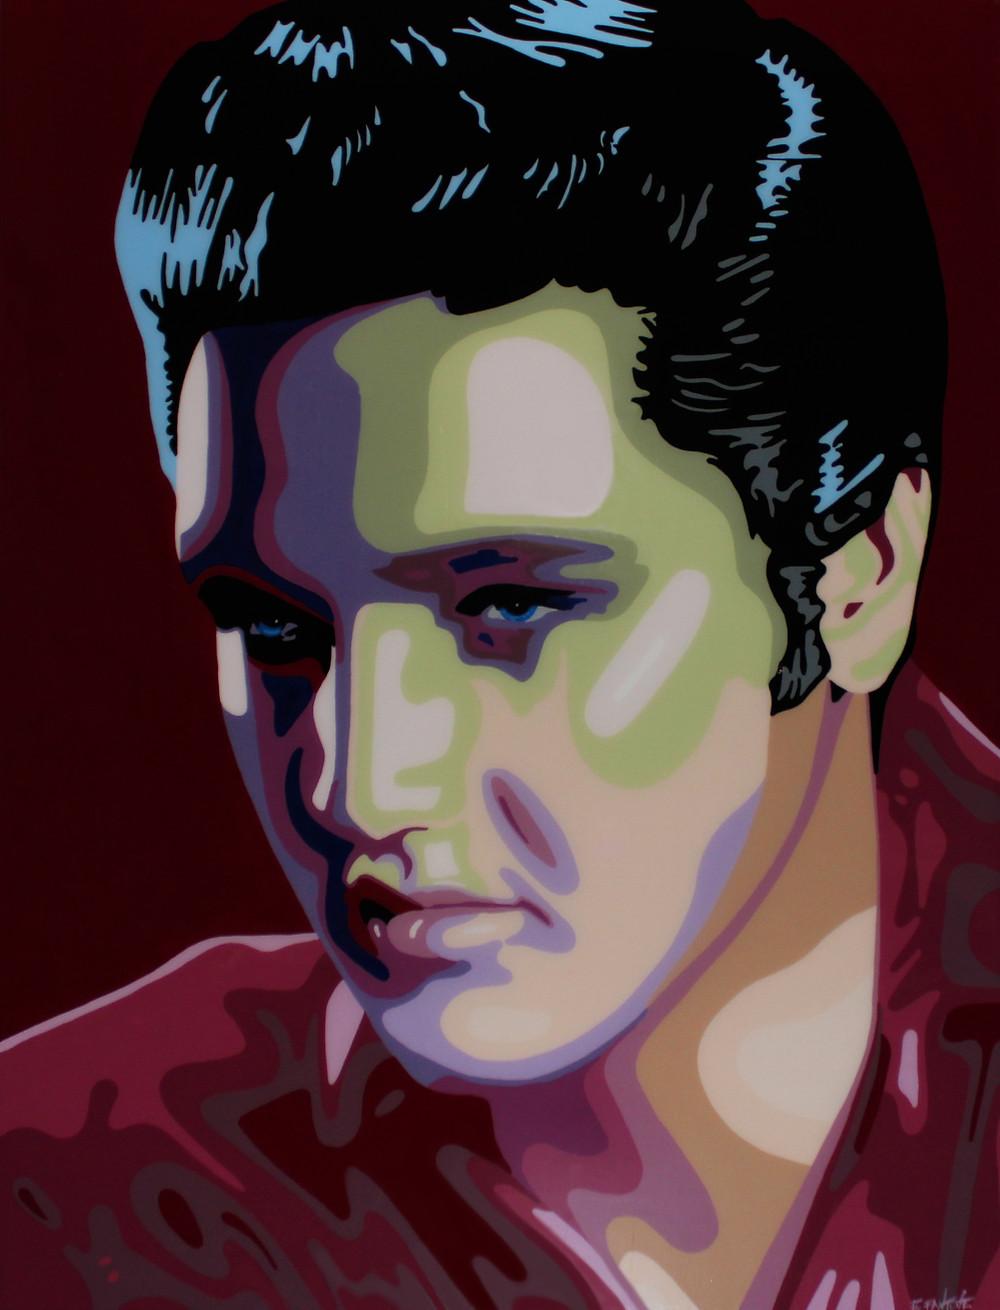 ElvisPresley.jpg